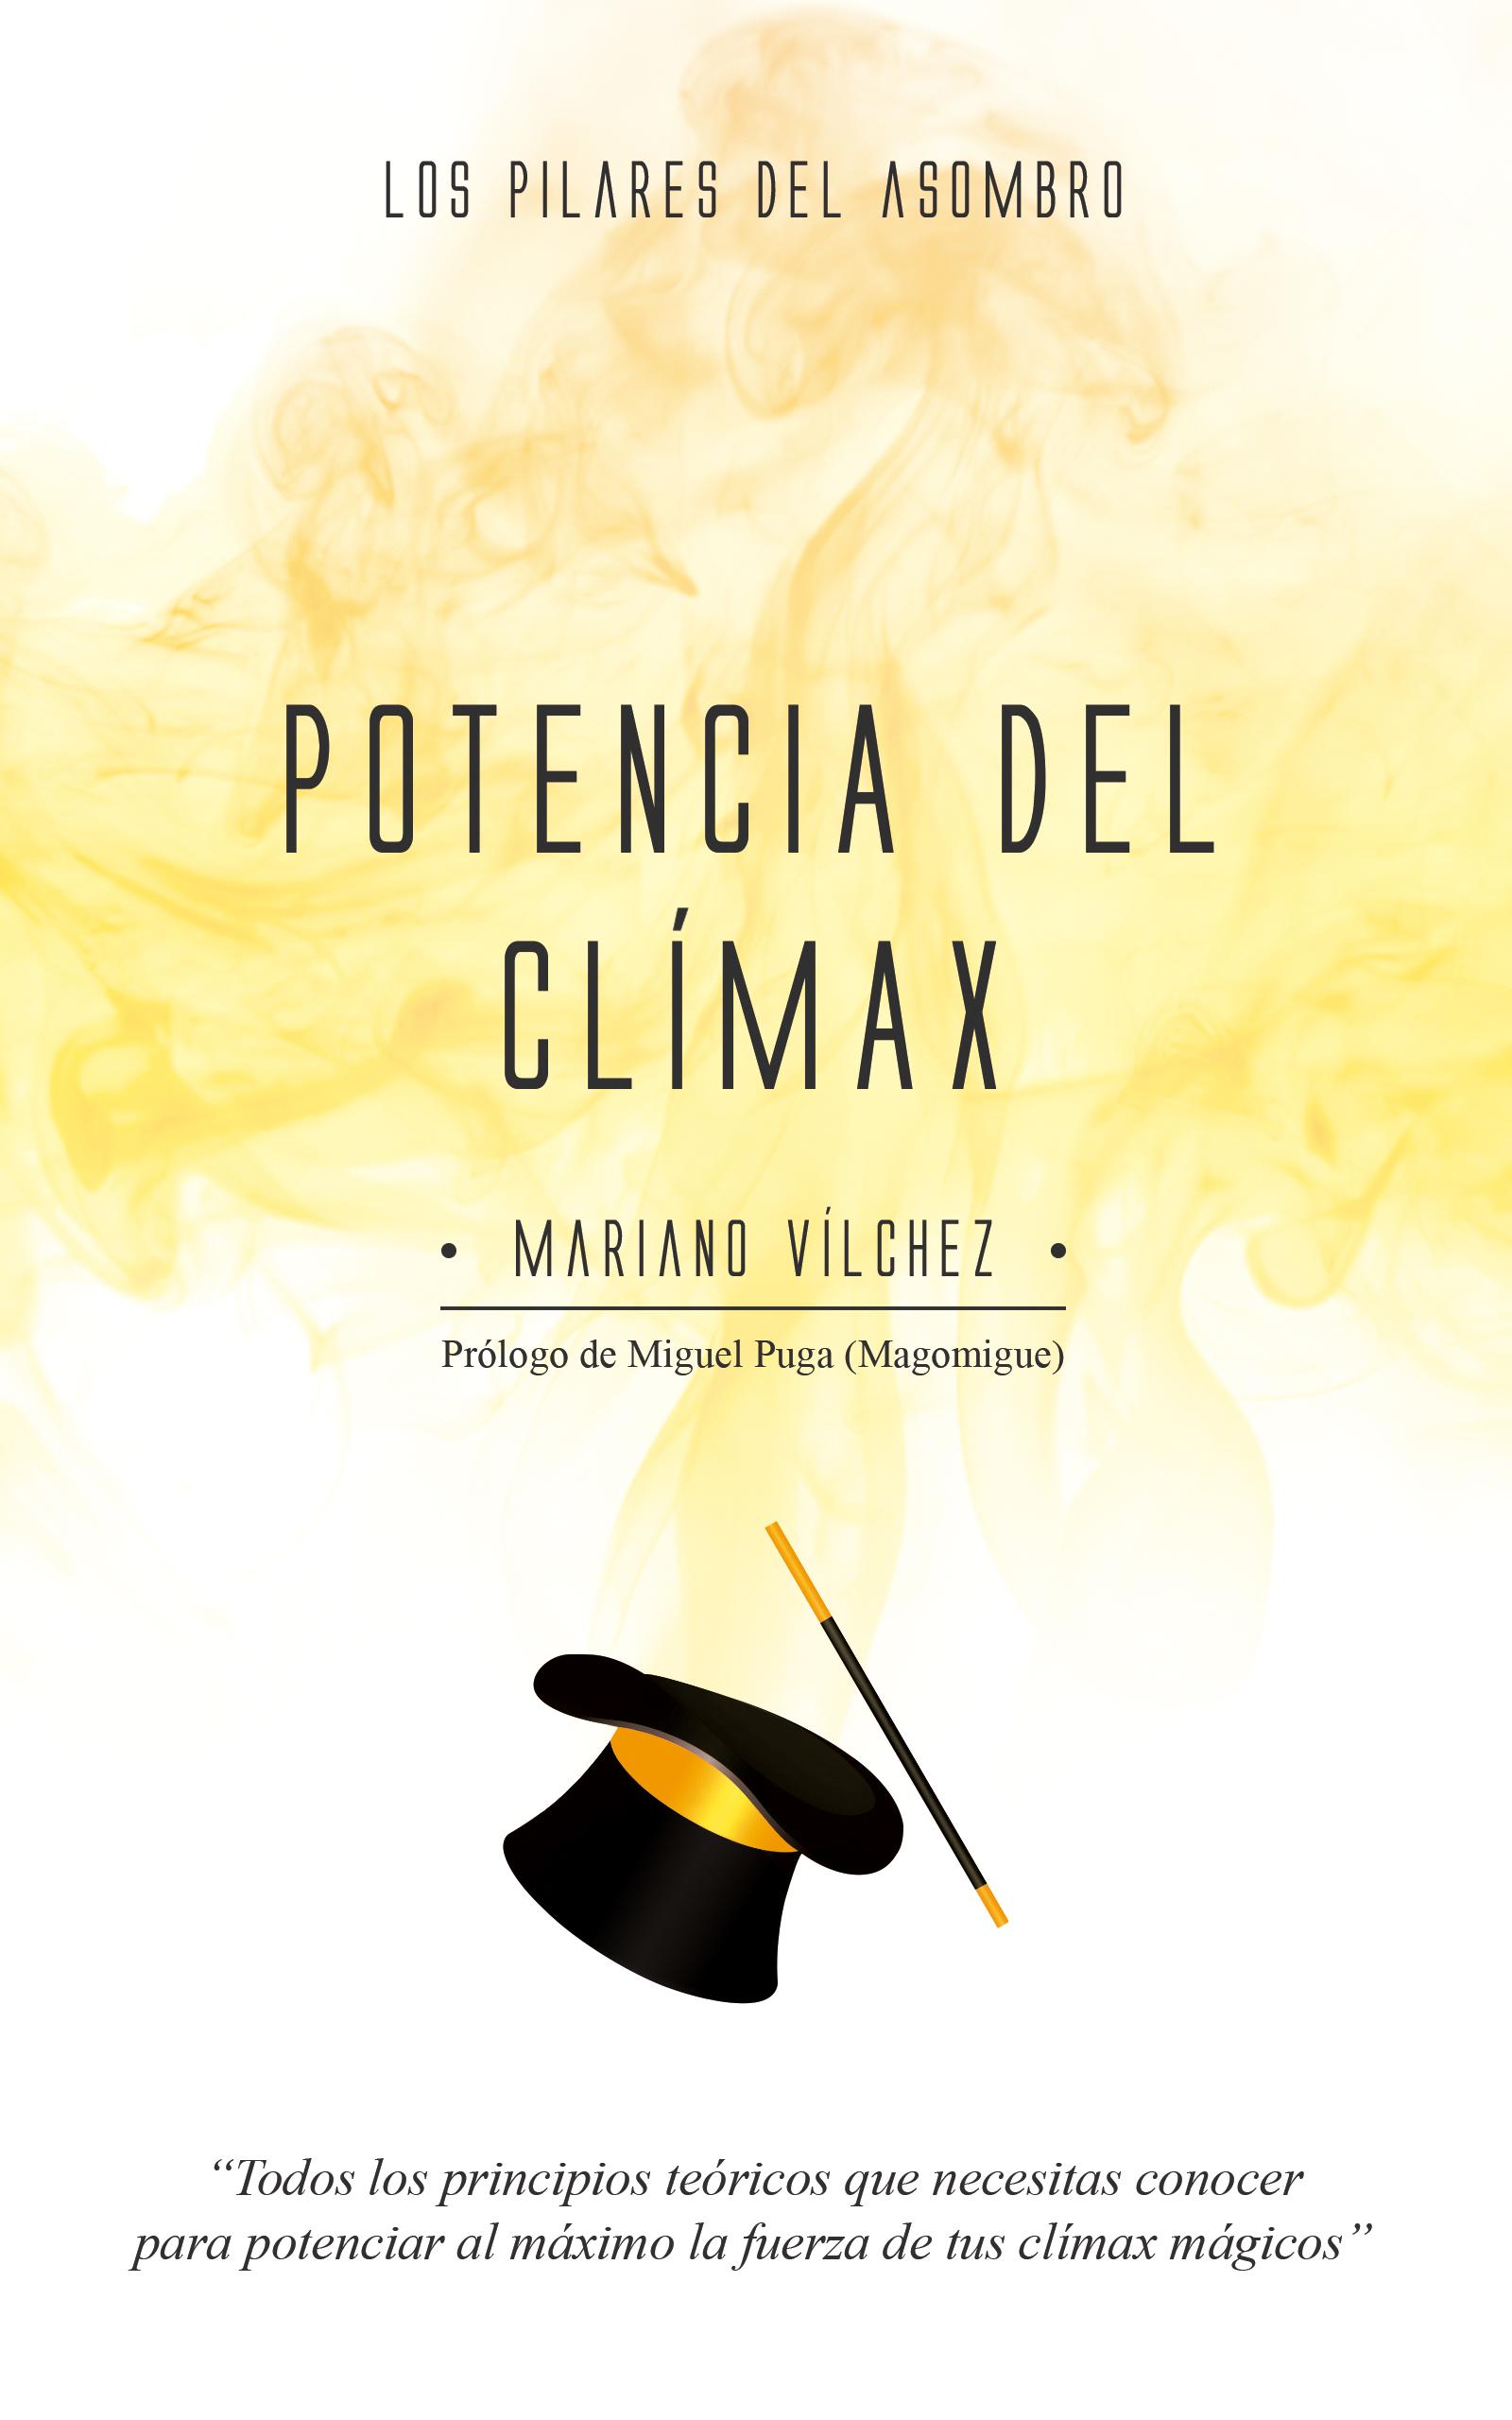 Potencia-del-climax-mariano-vilchez-1600x2560   ilusionat.com